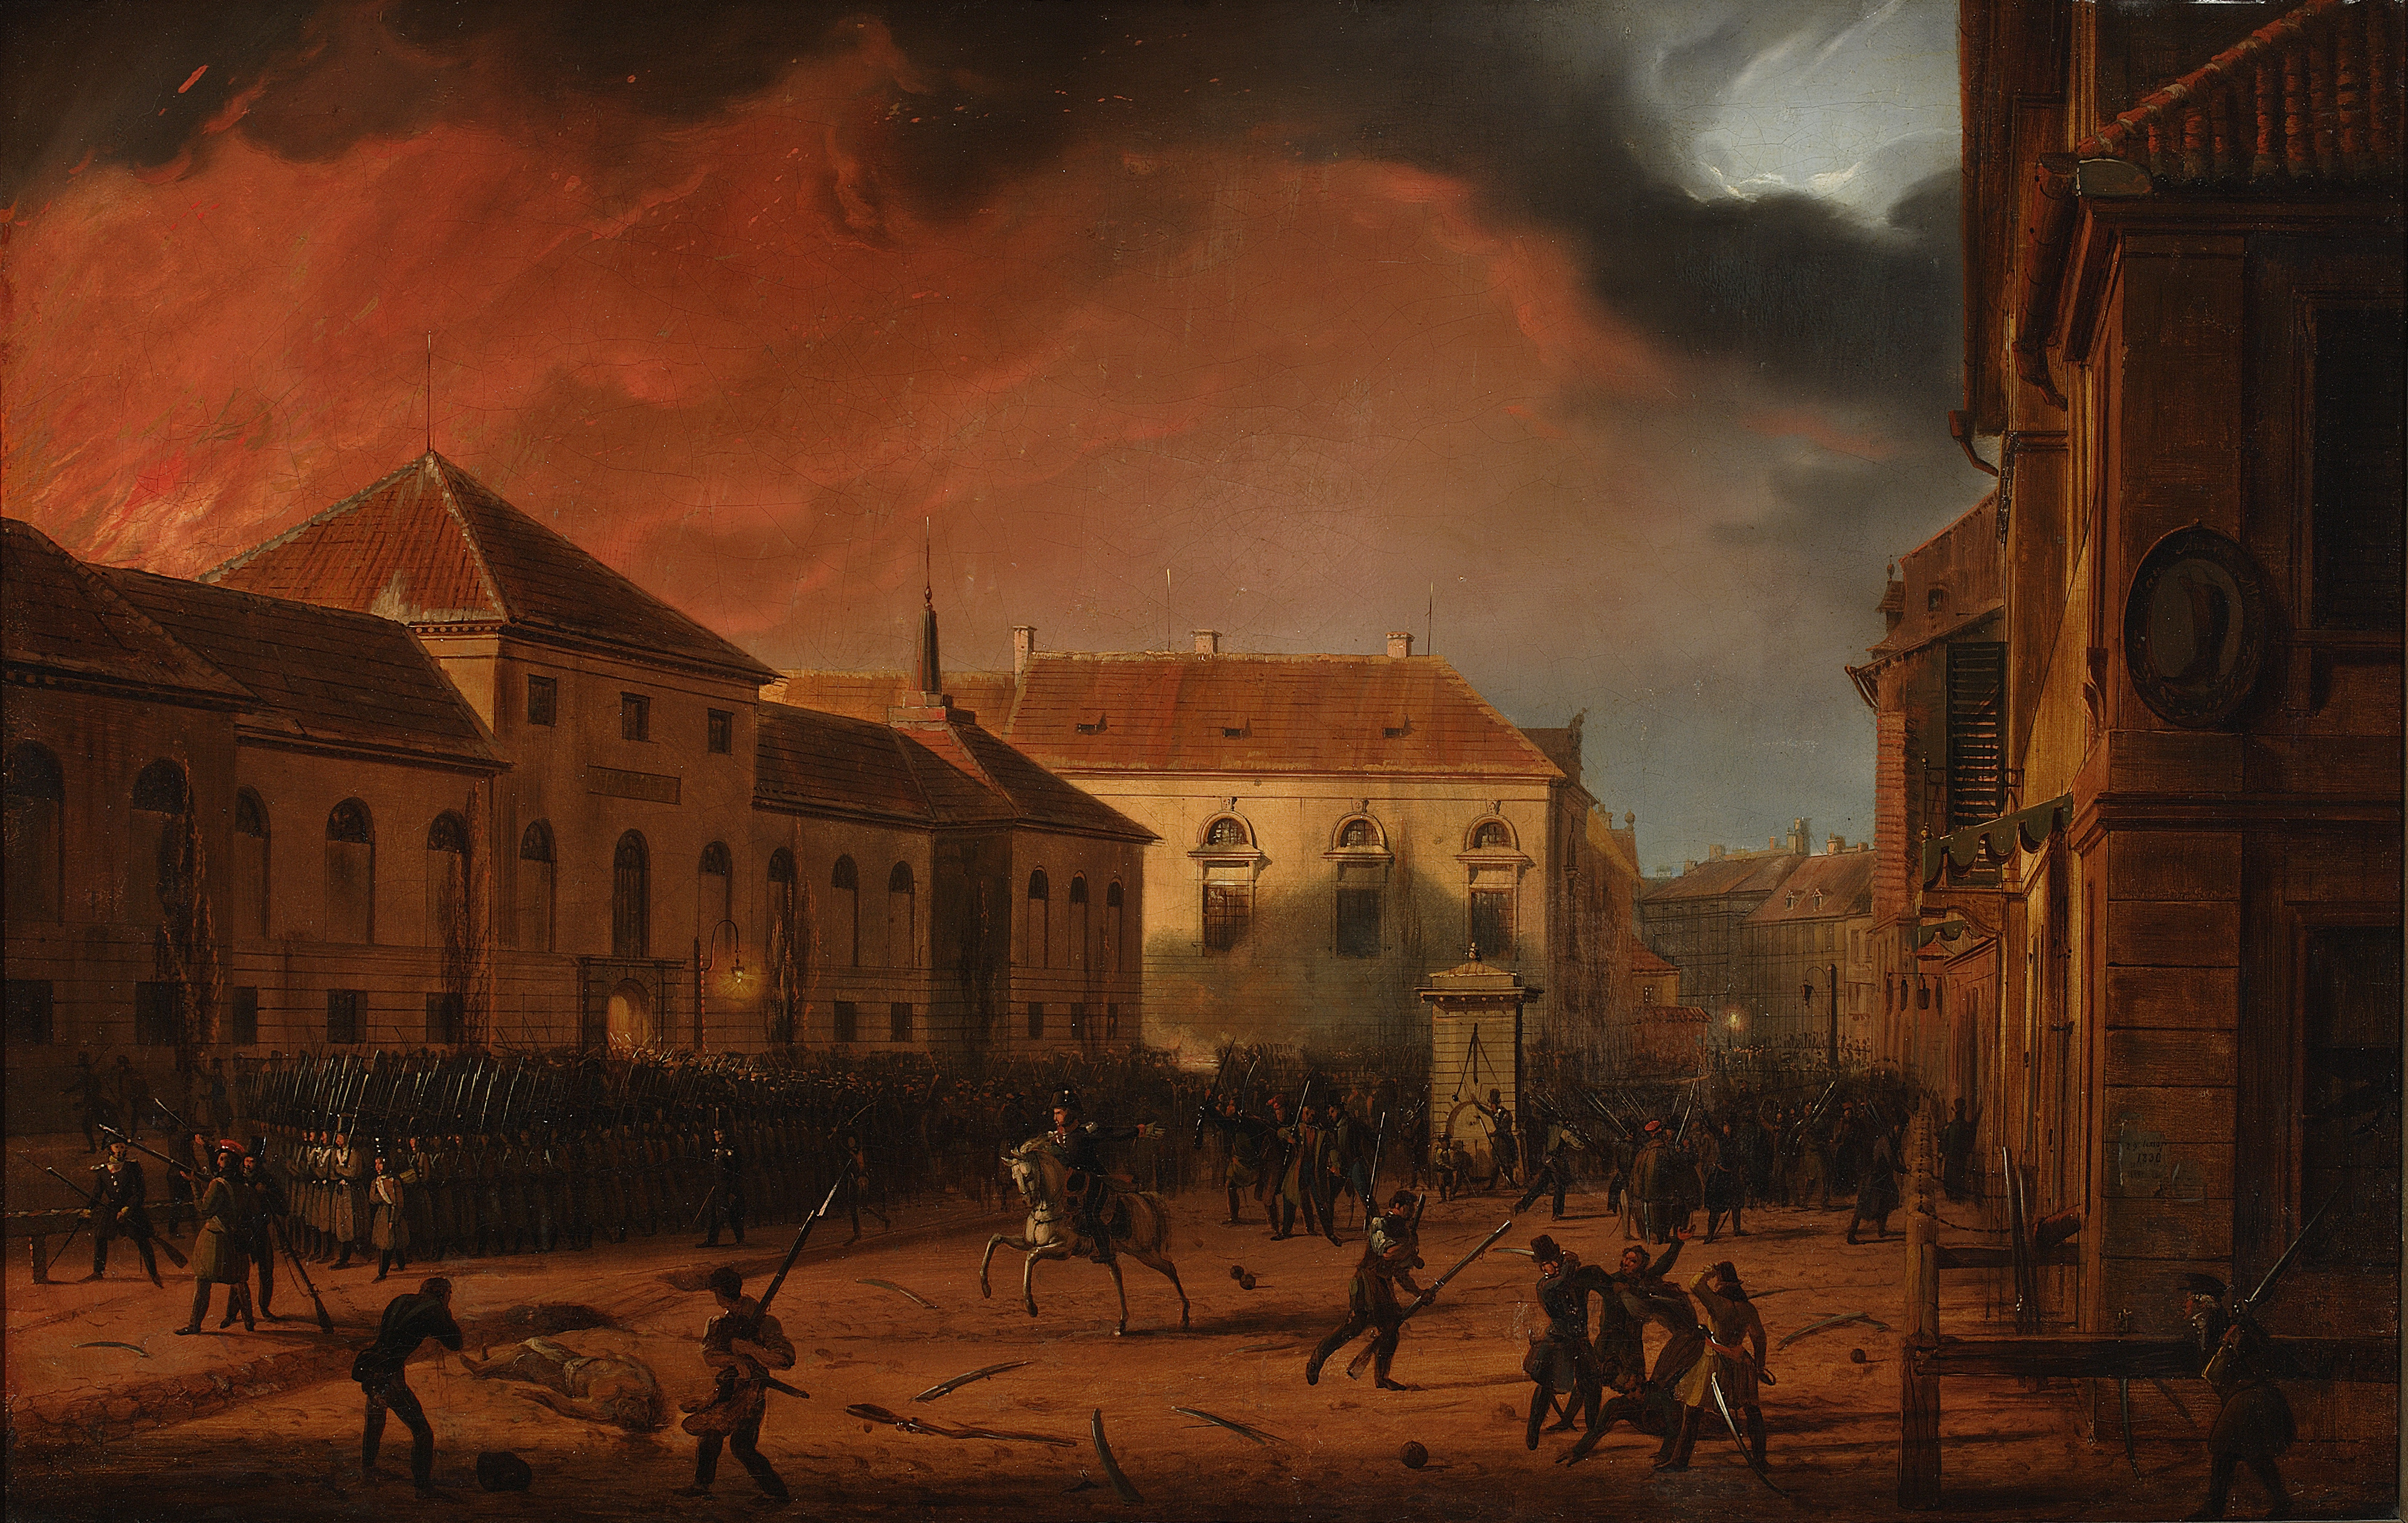 La toma del arsenal de Varsovia, uno de los primeros sucesos del Levantamiento de Noviembre.